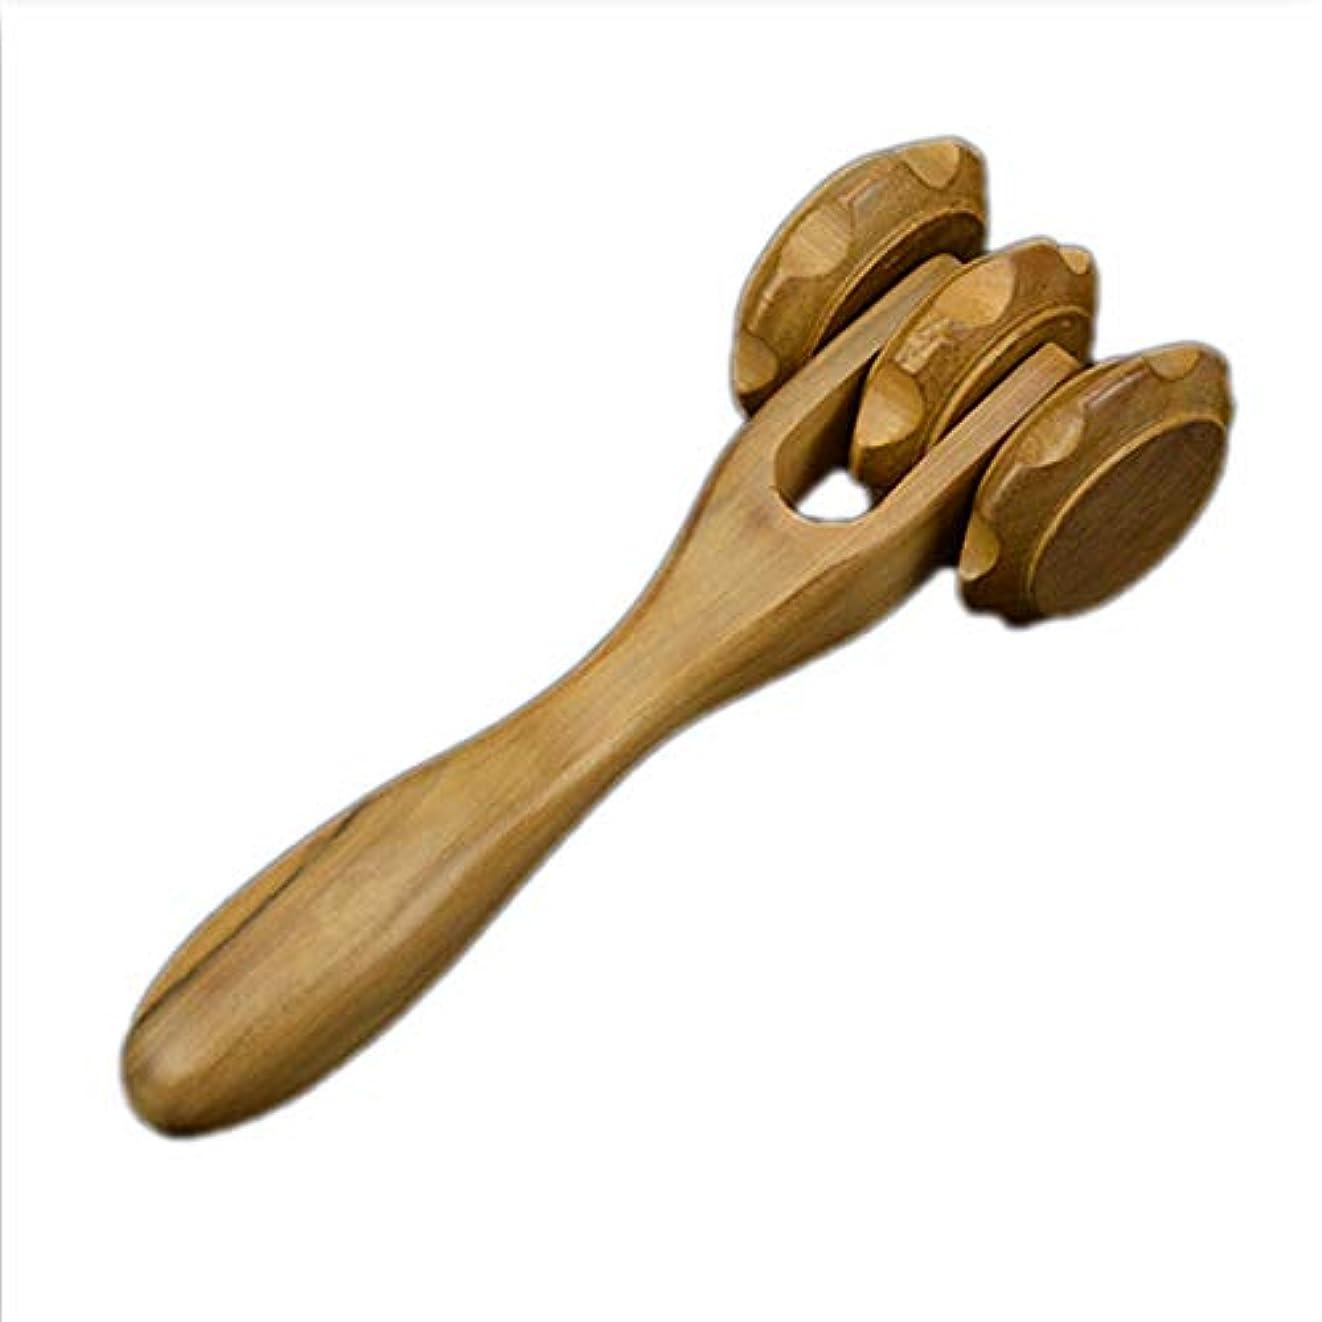 疾患週末いちゃつくフェリモア マッサージローラー 木製 ツボ押し 3連ローラー 首 肩 腰 二の腕 美顔 筋肉 (ブラウン)